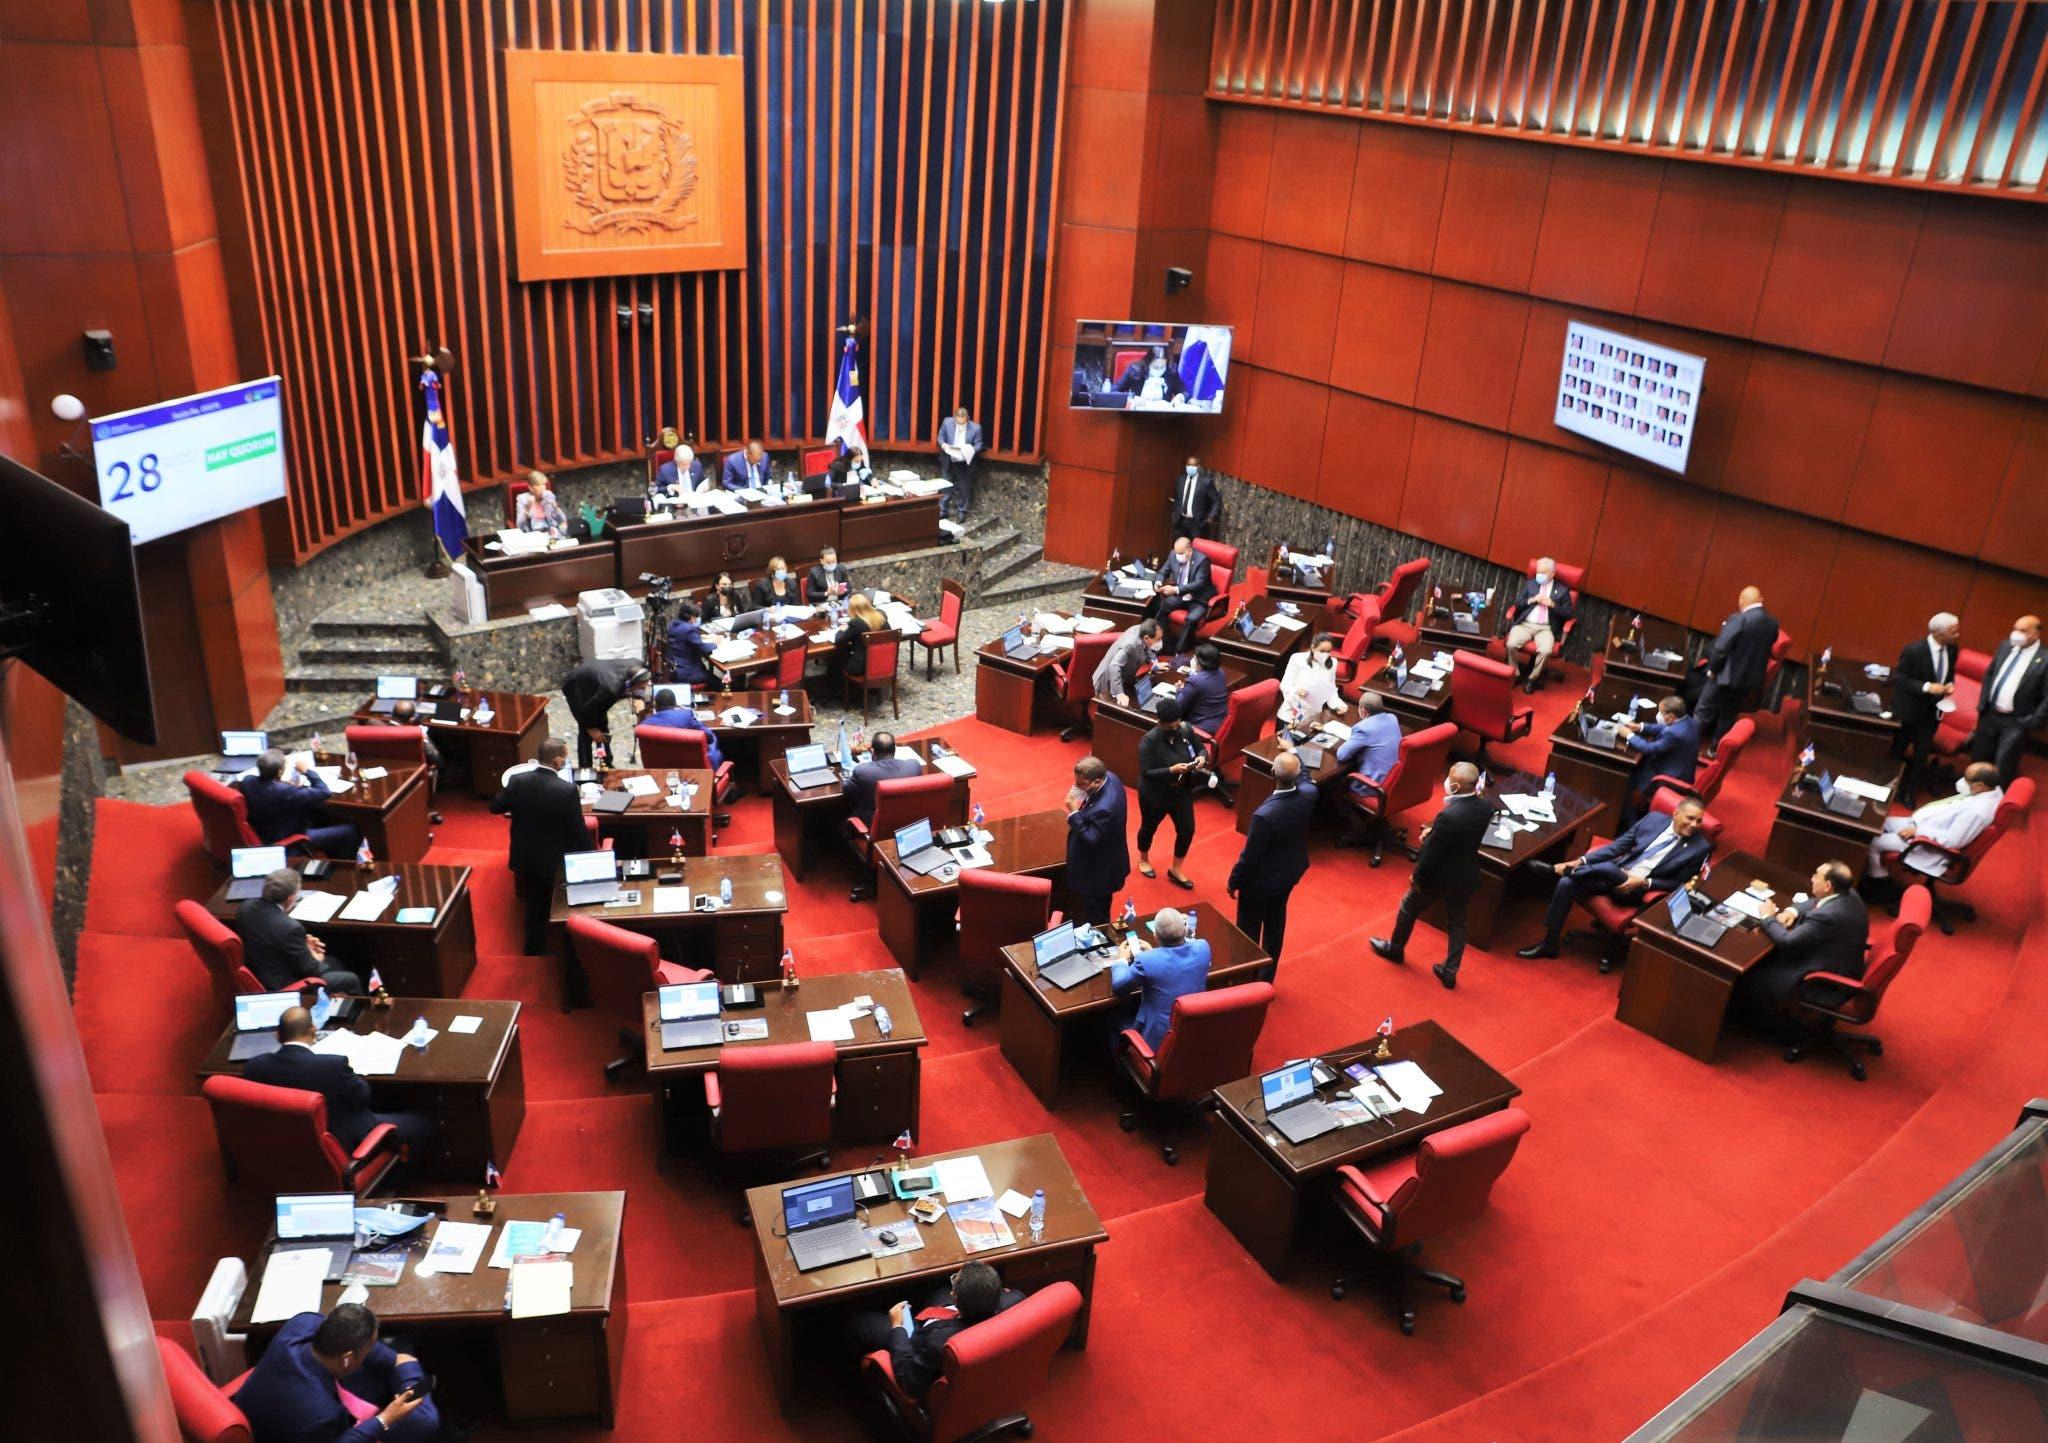 Senado aprueba dos préstamos por más de 123 millones dólares